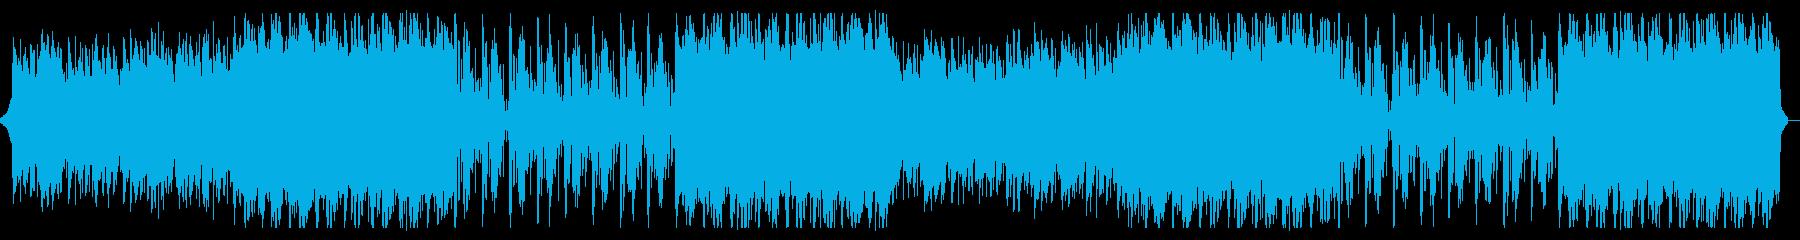 青空を感じさせる爽やかなピアノポップの再生済みの波形